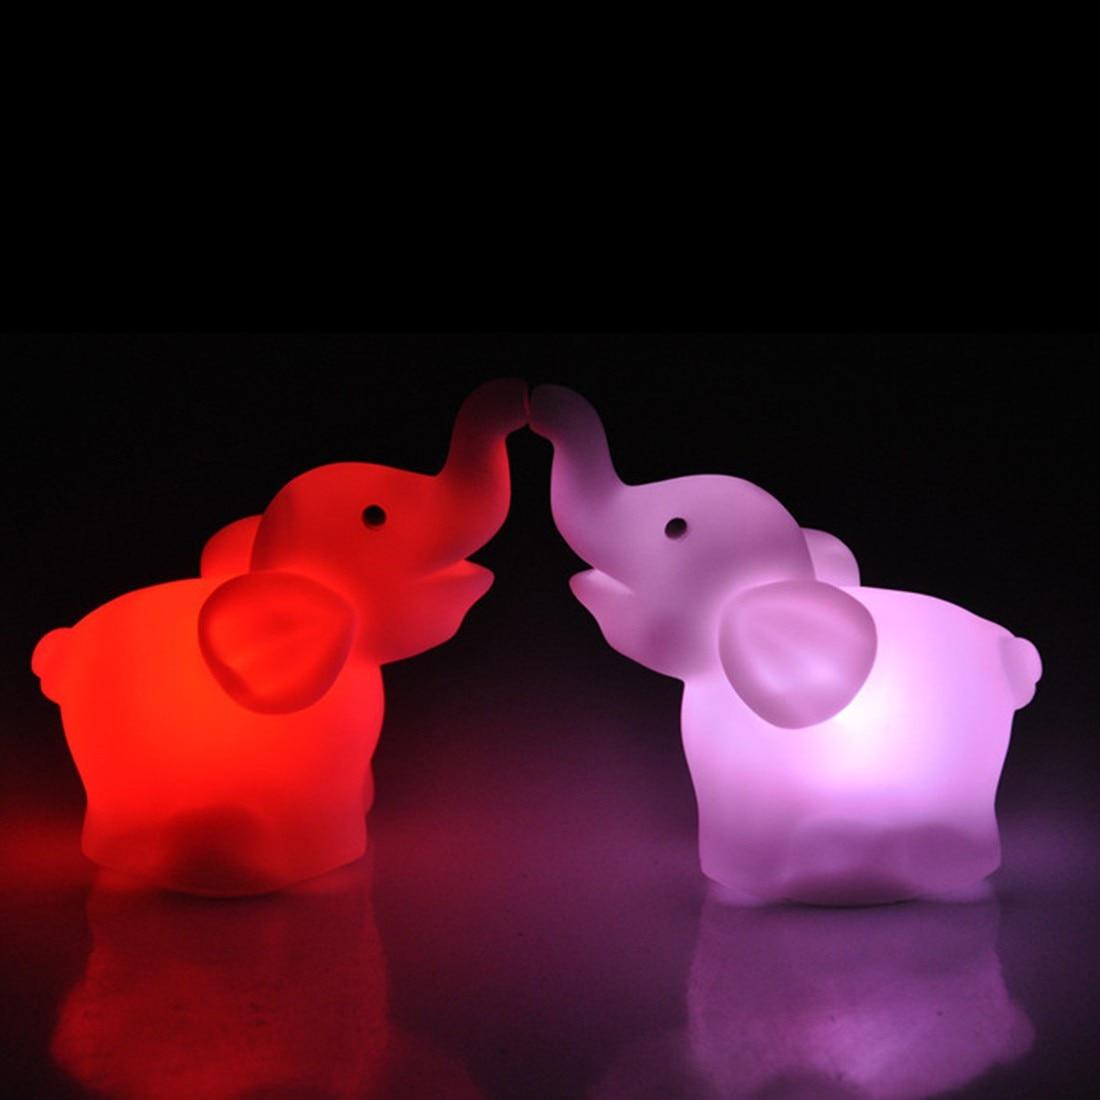 Image 2 - Słoń LED lampa kolor zmienne oświetlenie nocne atmosfera dla dziecka dziecko nocna dekoracja sypialni dzieci prezent śliczne lampyOświetlenie nocne   -